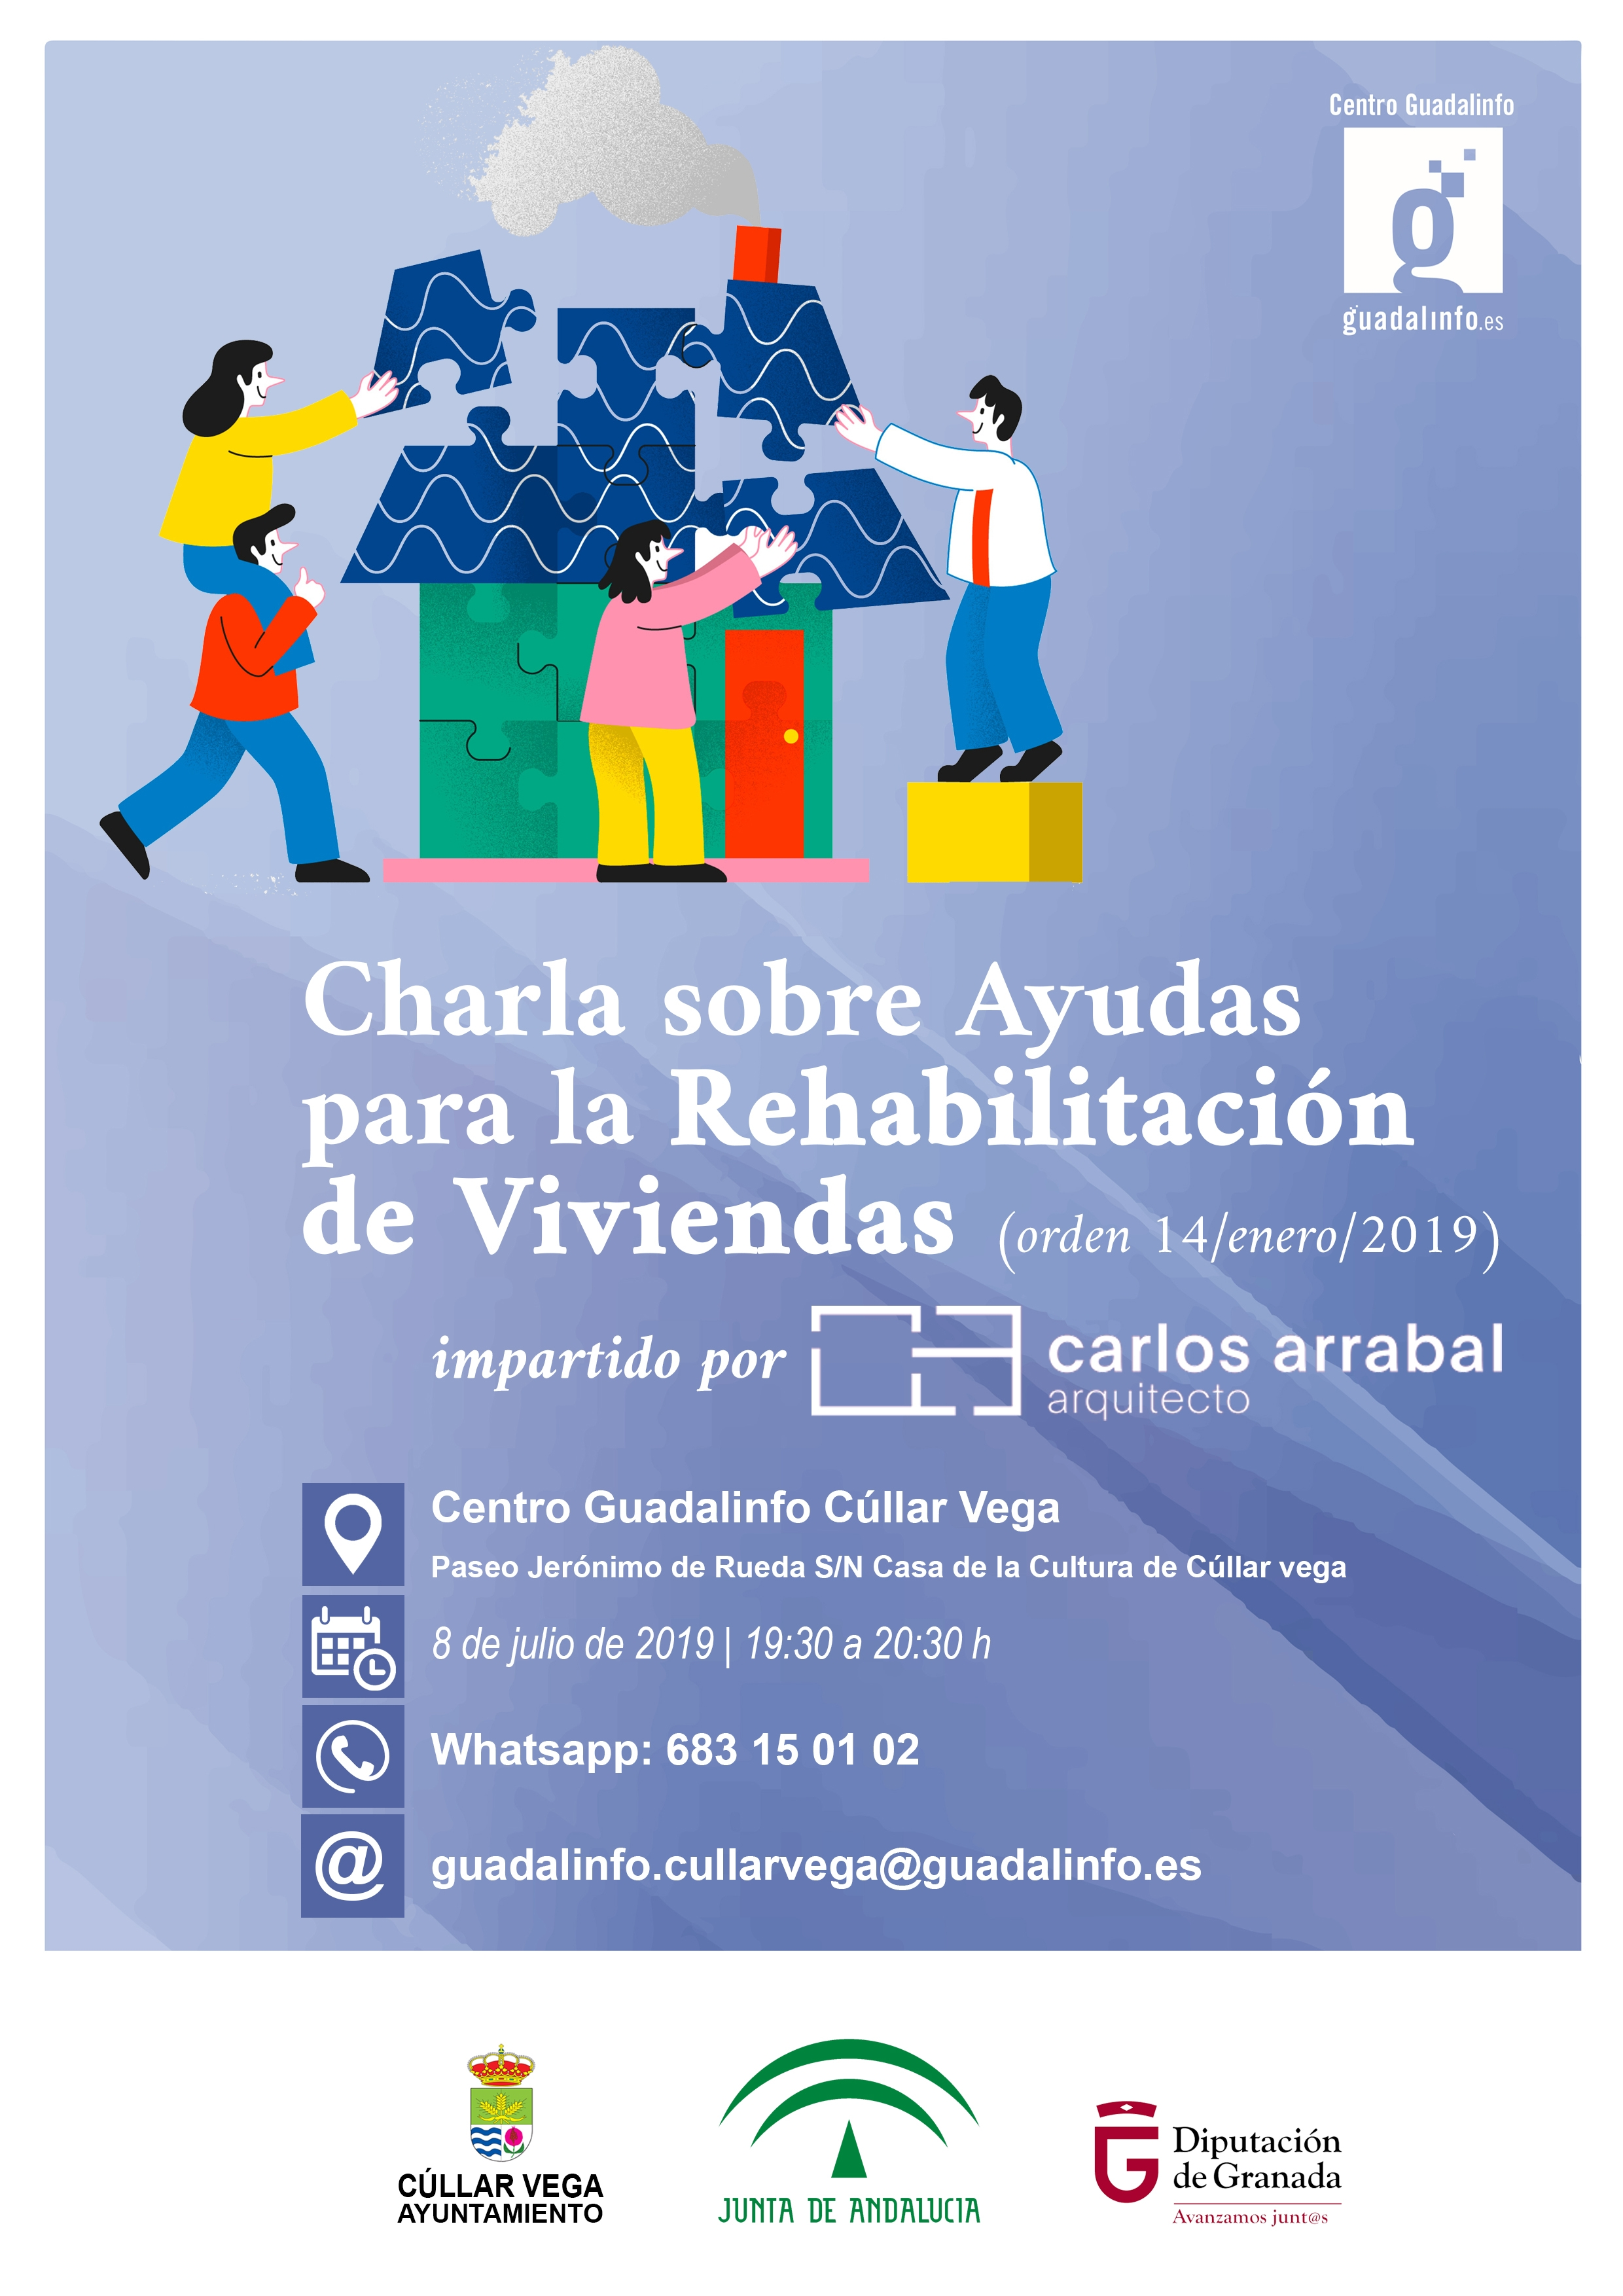 Charla sobre Ayudas para la Rehabilitación de Viviendas